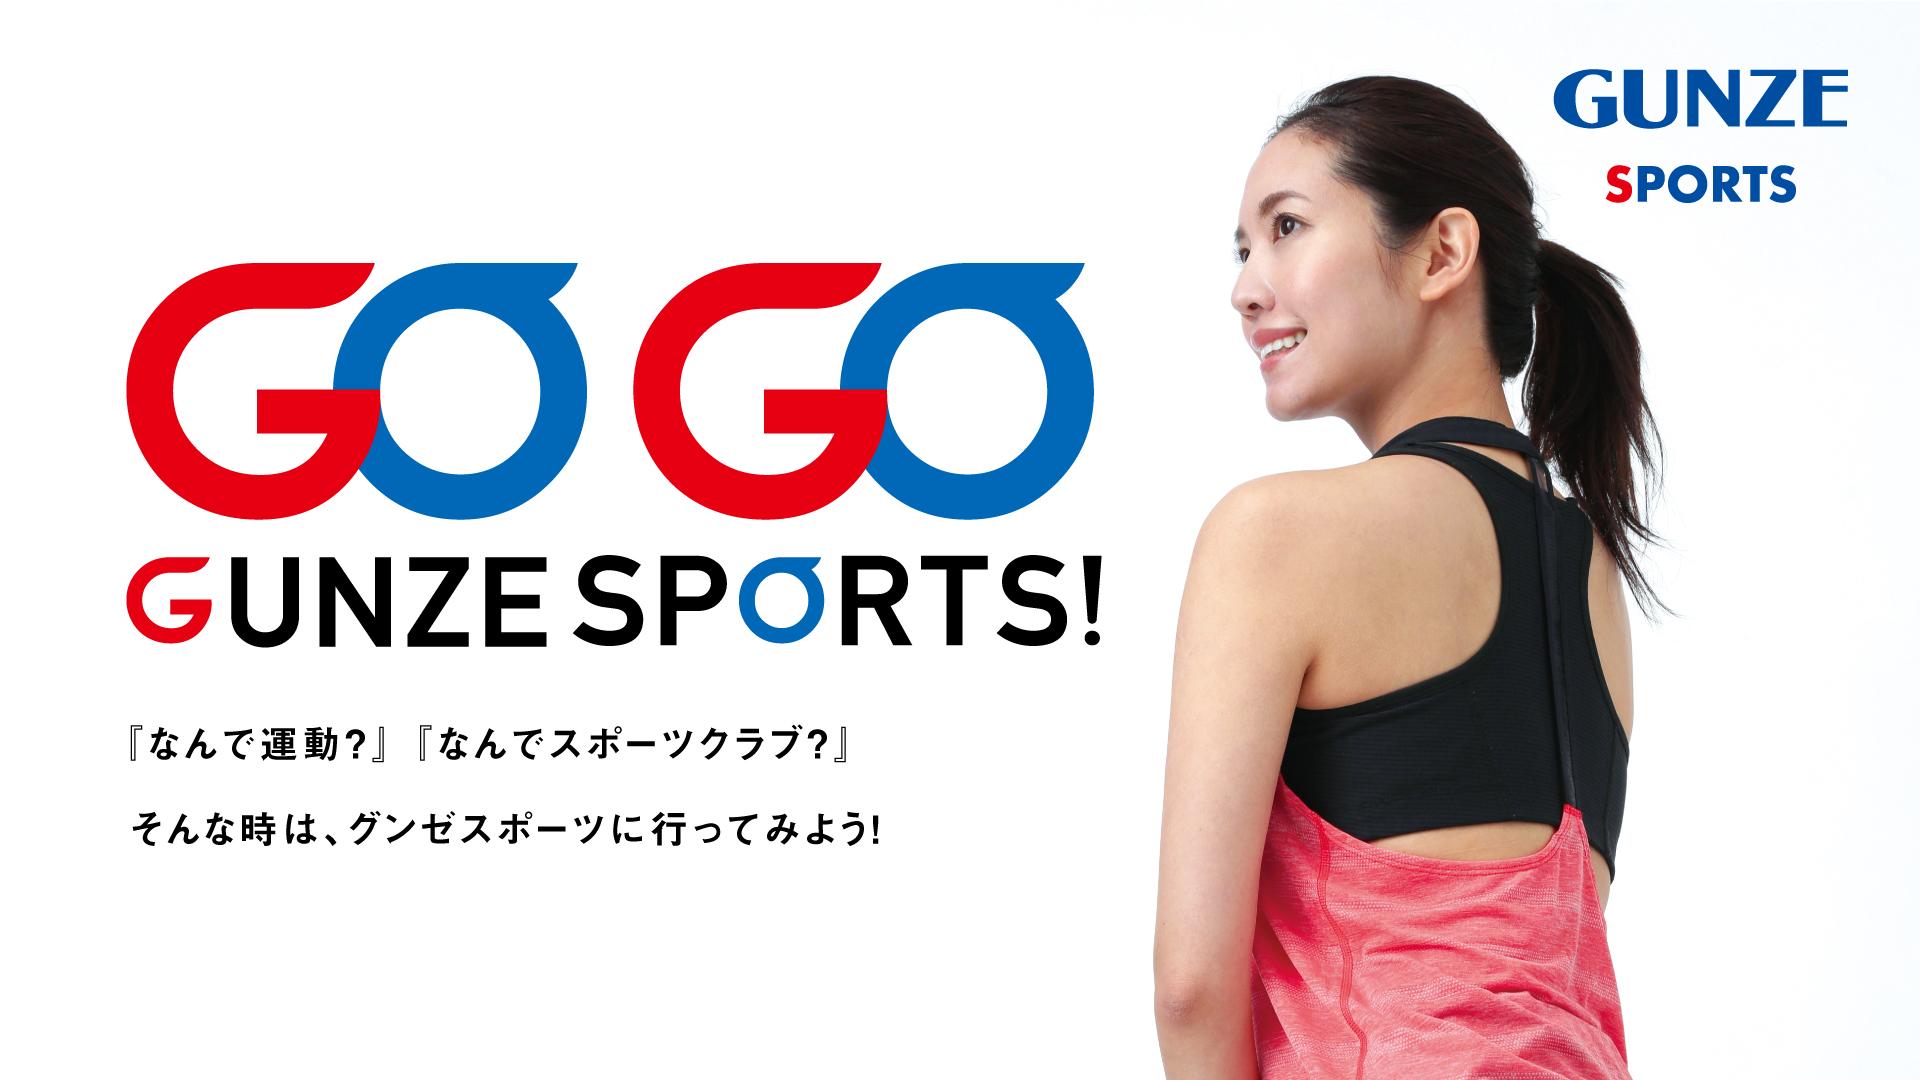 Gunzesports minamikusatsu グンゼスポーツ 南草津レイクブルー